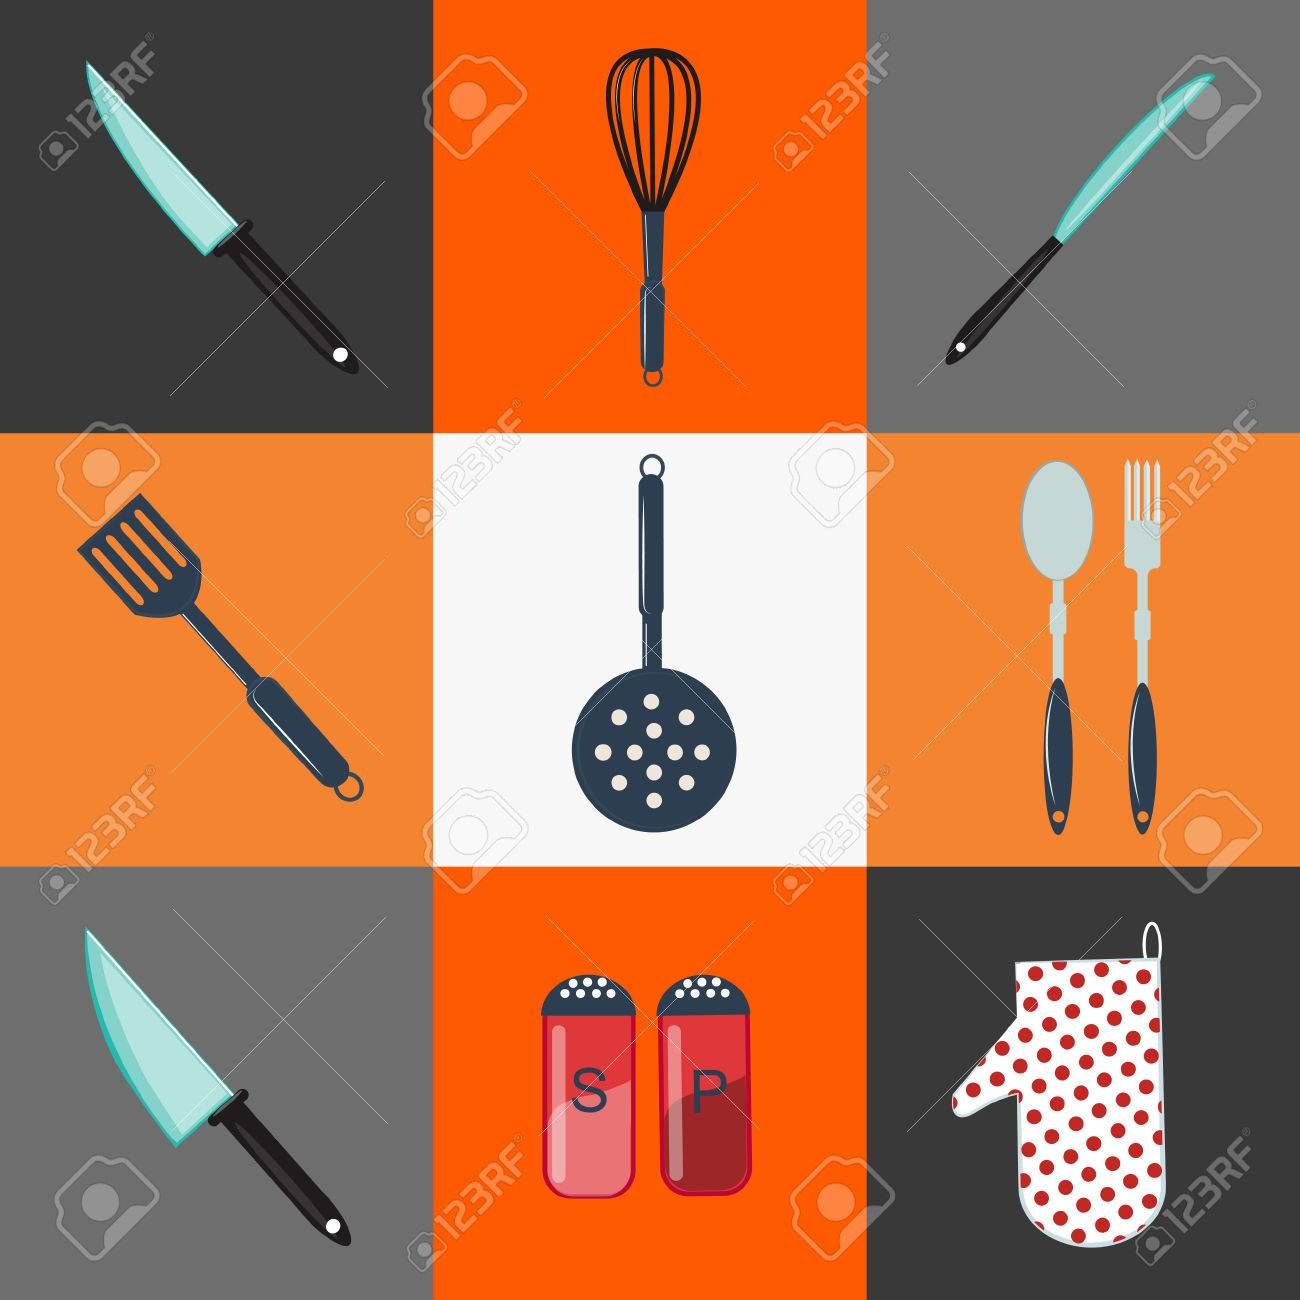 Utensili Da Cucina. Utensili Da Cucina. Posate Da Cucina. Oggetti ...